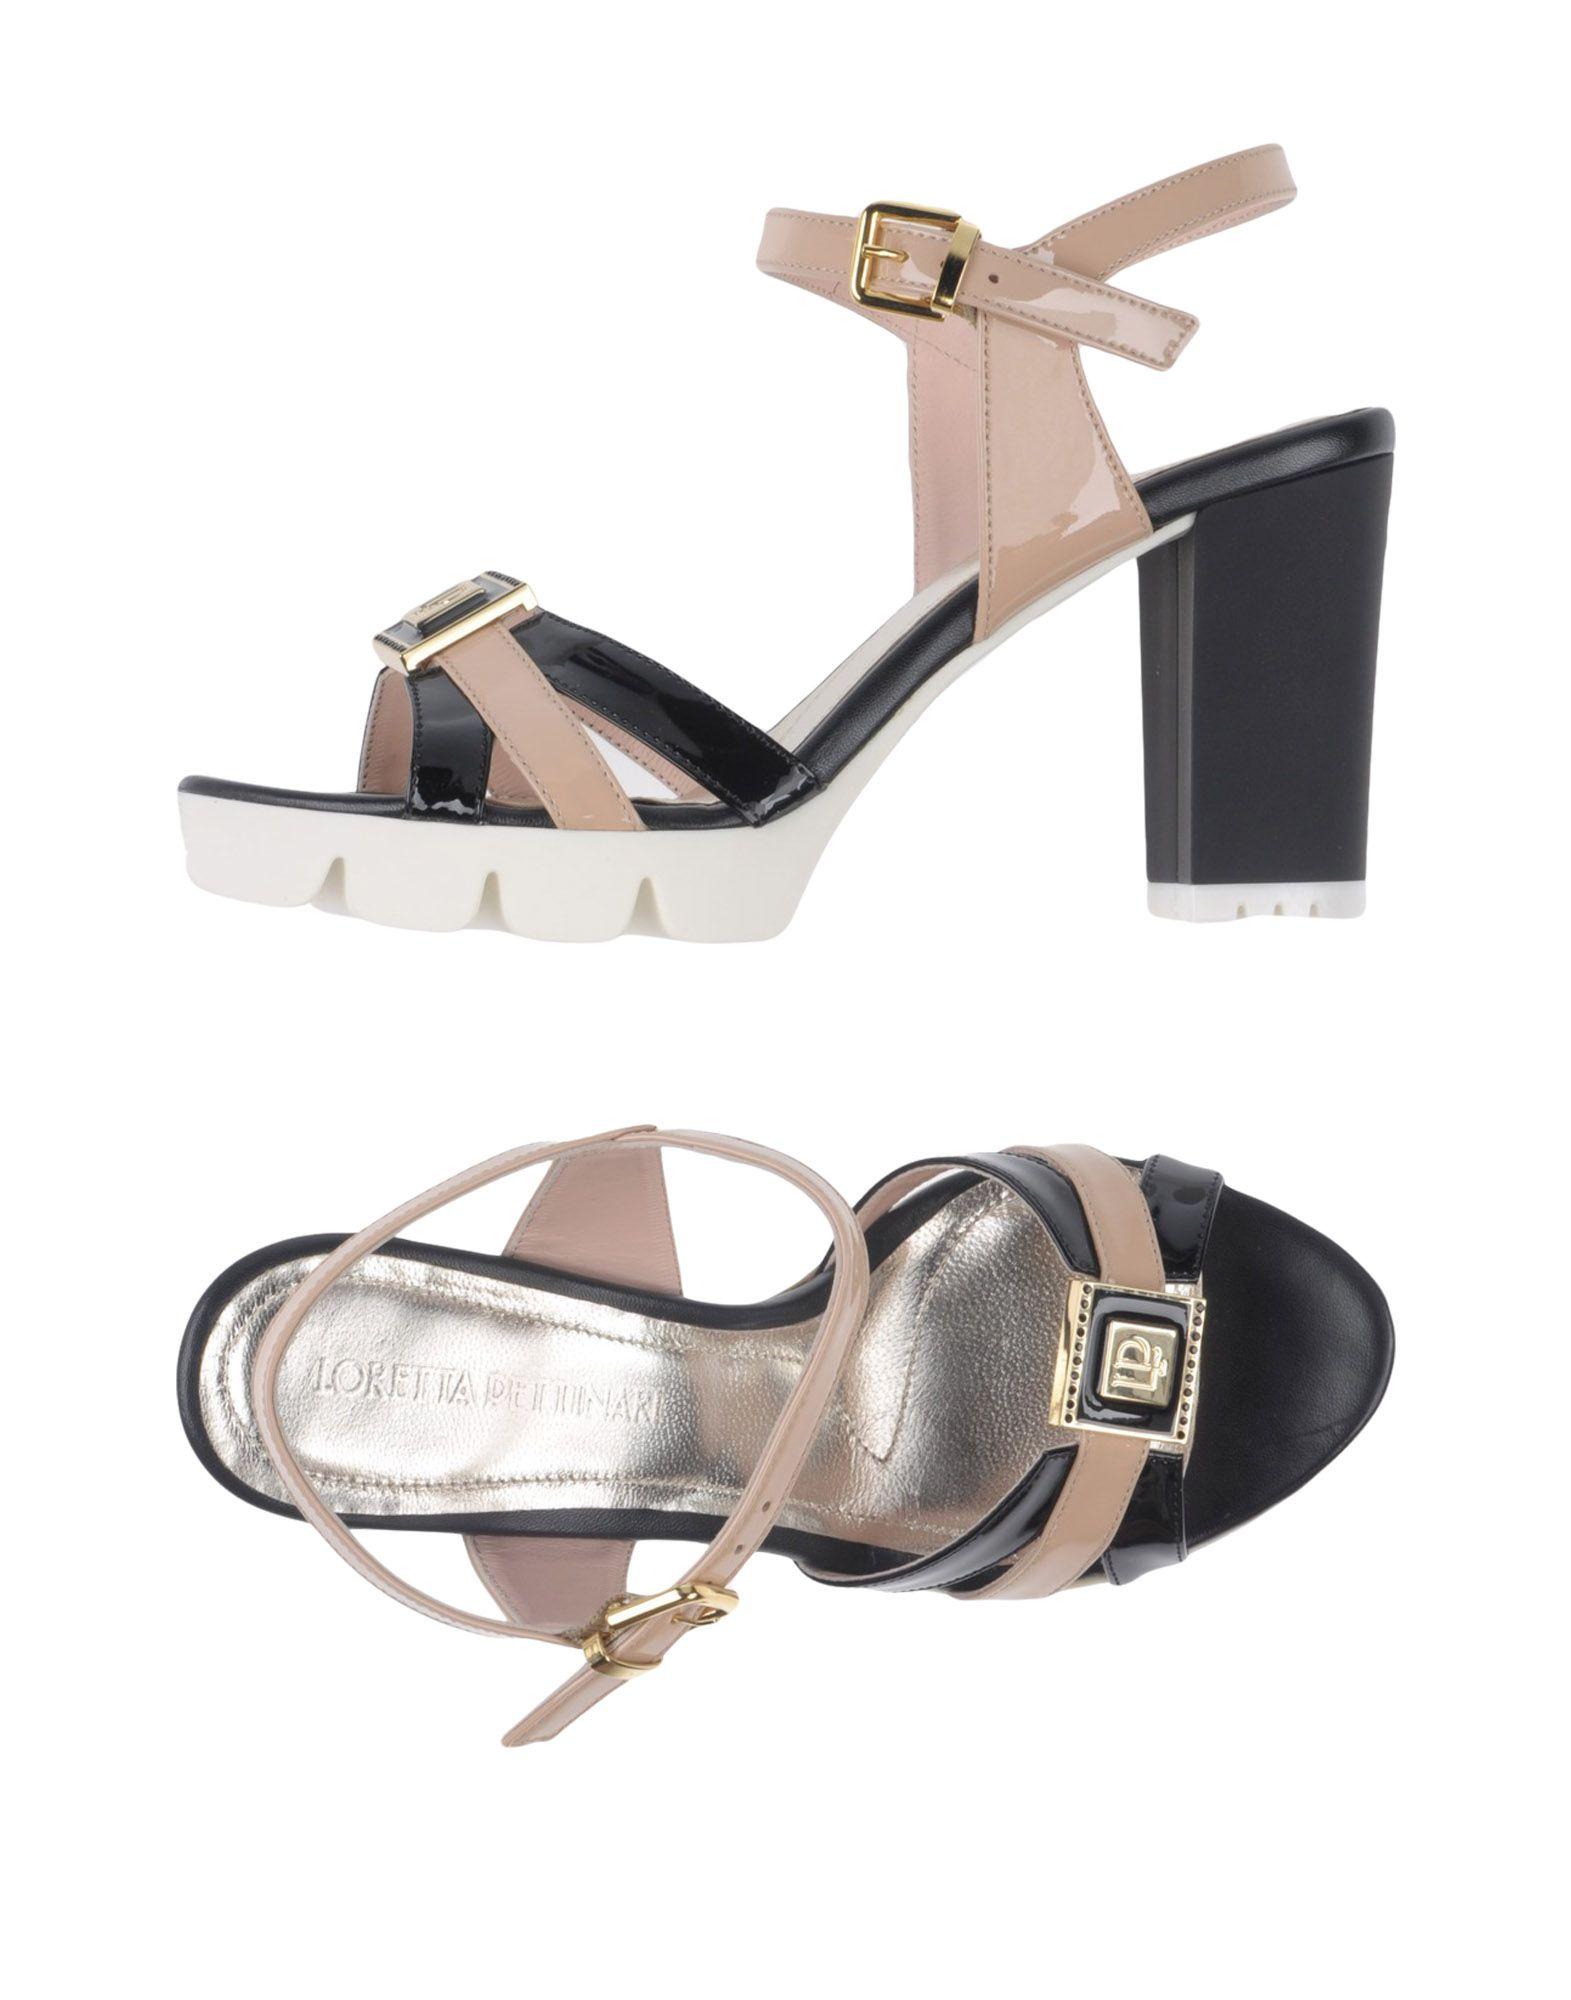 Loretta Pettinari Sandalen Damen  11387465CD Gute Qualität beliebte Schuhe